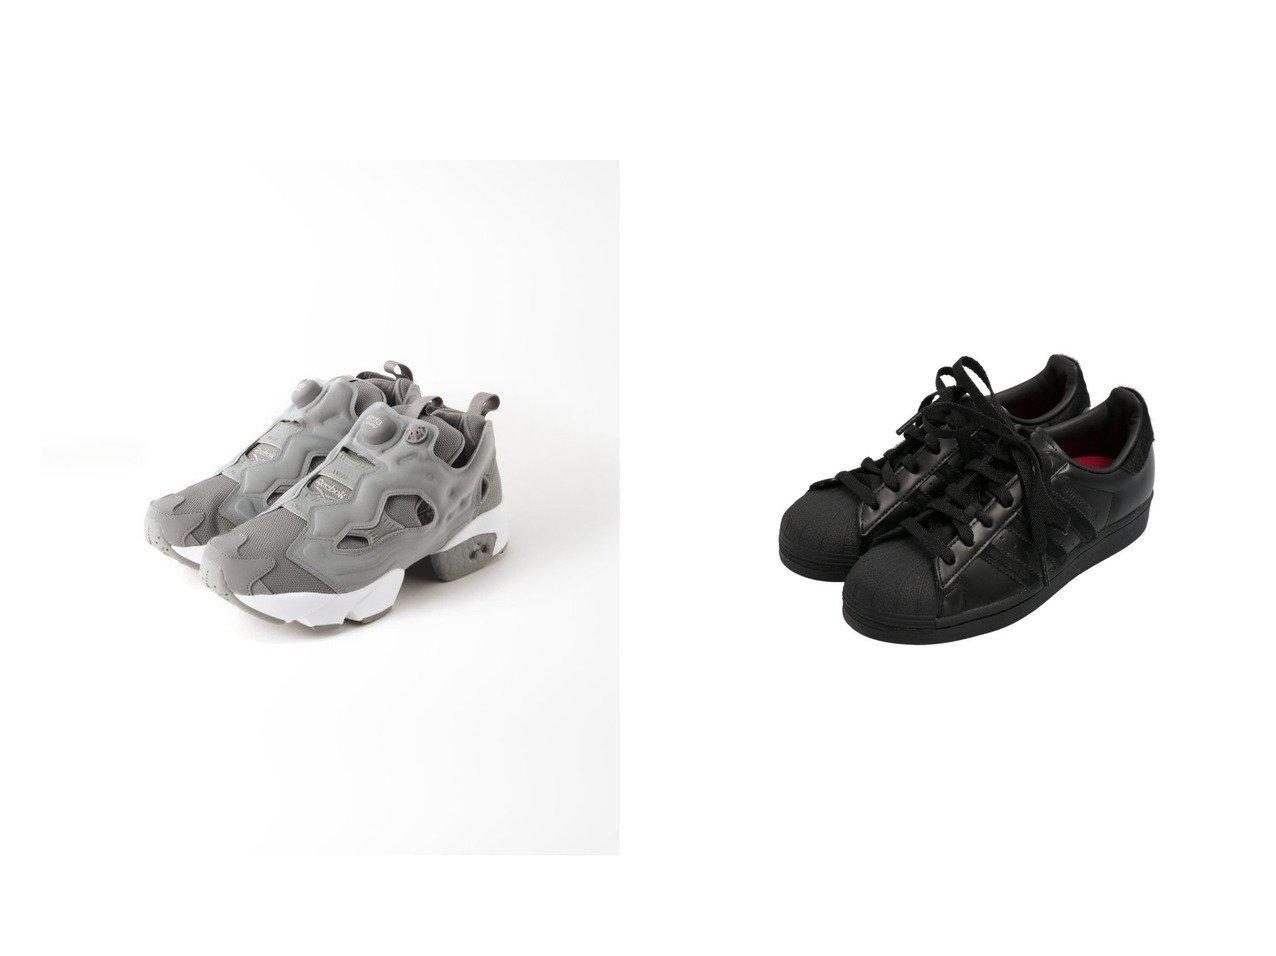 【adidas Originals/アディダス オリジナルス】のスーパースター [SUPERSTAR] アディダスオリジナルス&【Spick & Span/スピック&スパン】の【Reebok】CLASSIC MID PUMP シューズ・靴のおすすめ!人気トレンド・レディースファッションの通販 おすすめで人気のファッション通販商品 インテリア・家具・キッズファッション・メンズファッション・レディースファッション・服の通販 founy(ファニー) https://founy.com/ ファッション Fashion レディース WOMEN エアリー コレクション シューズ スニーカー スポーツ メッシュ A/W 秋冬 Autumn &  Winter スリッポン 今季 |ID:crp329100000006577